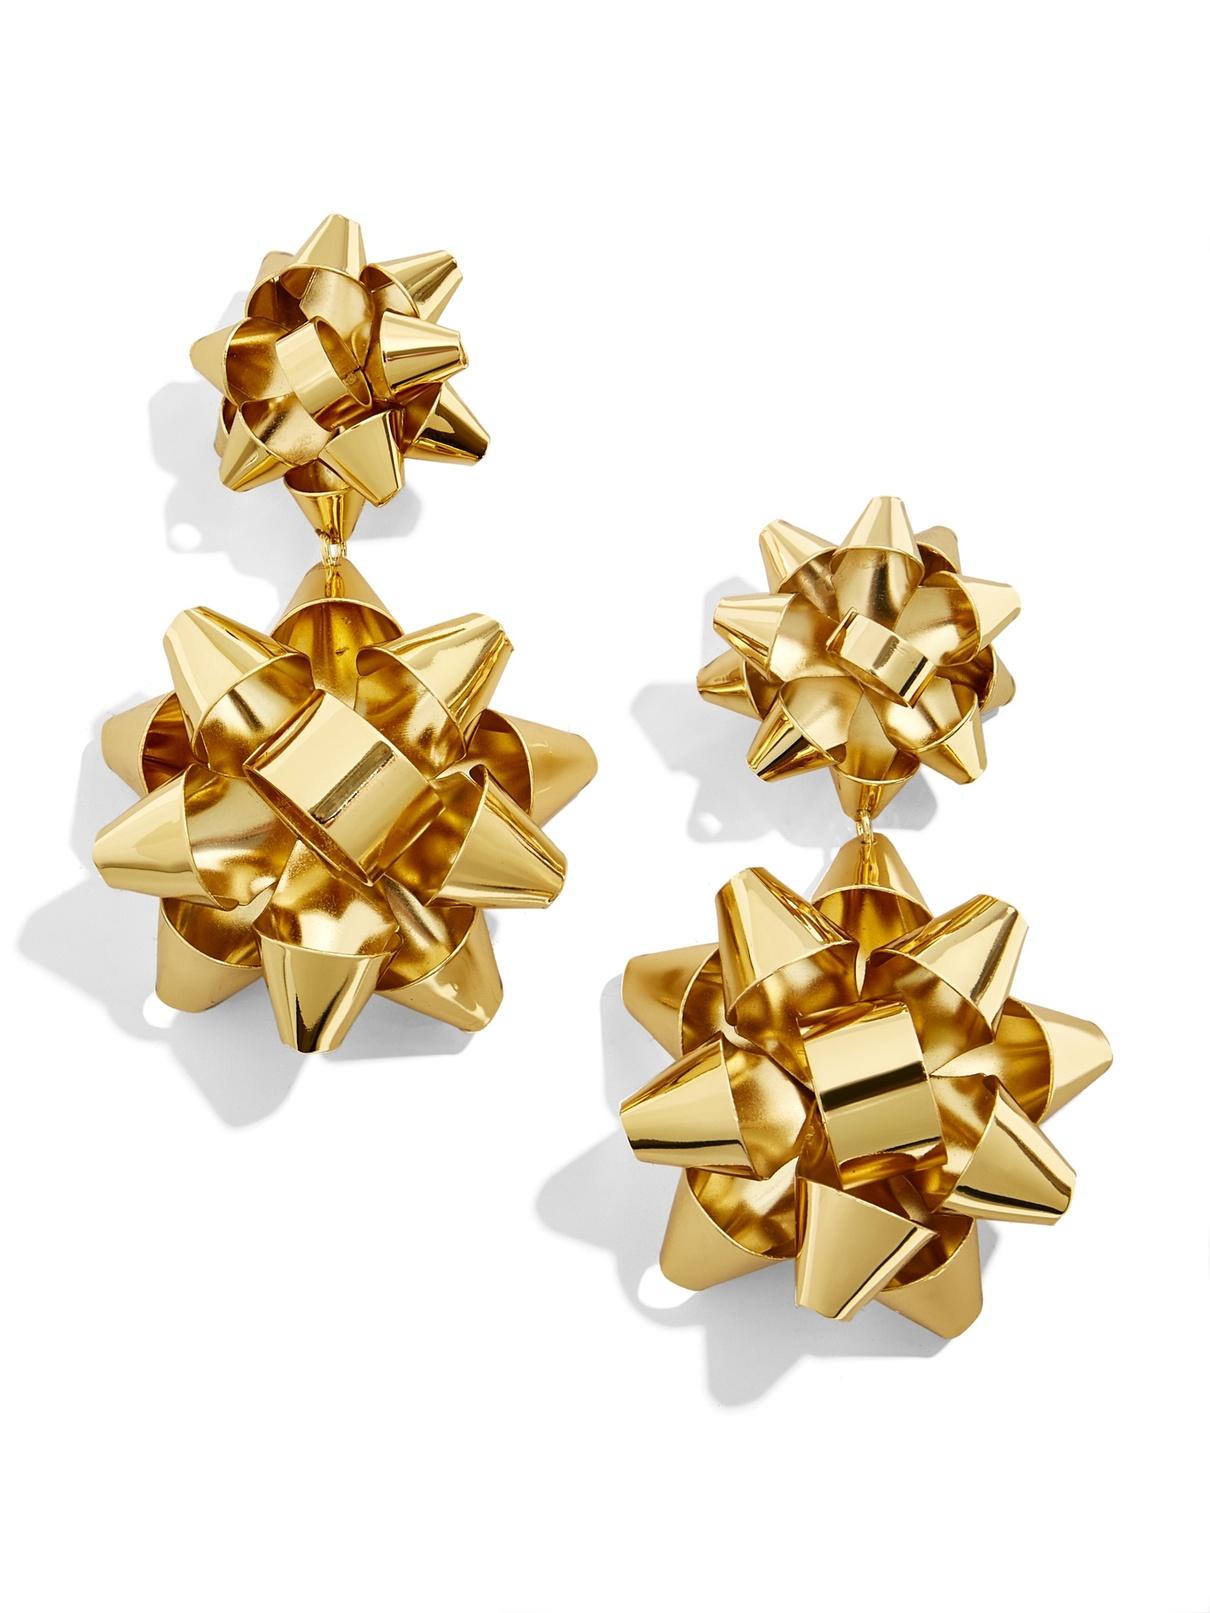 holly-drop-earrings-baublebar.jpg